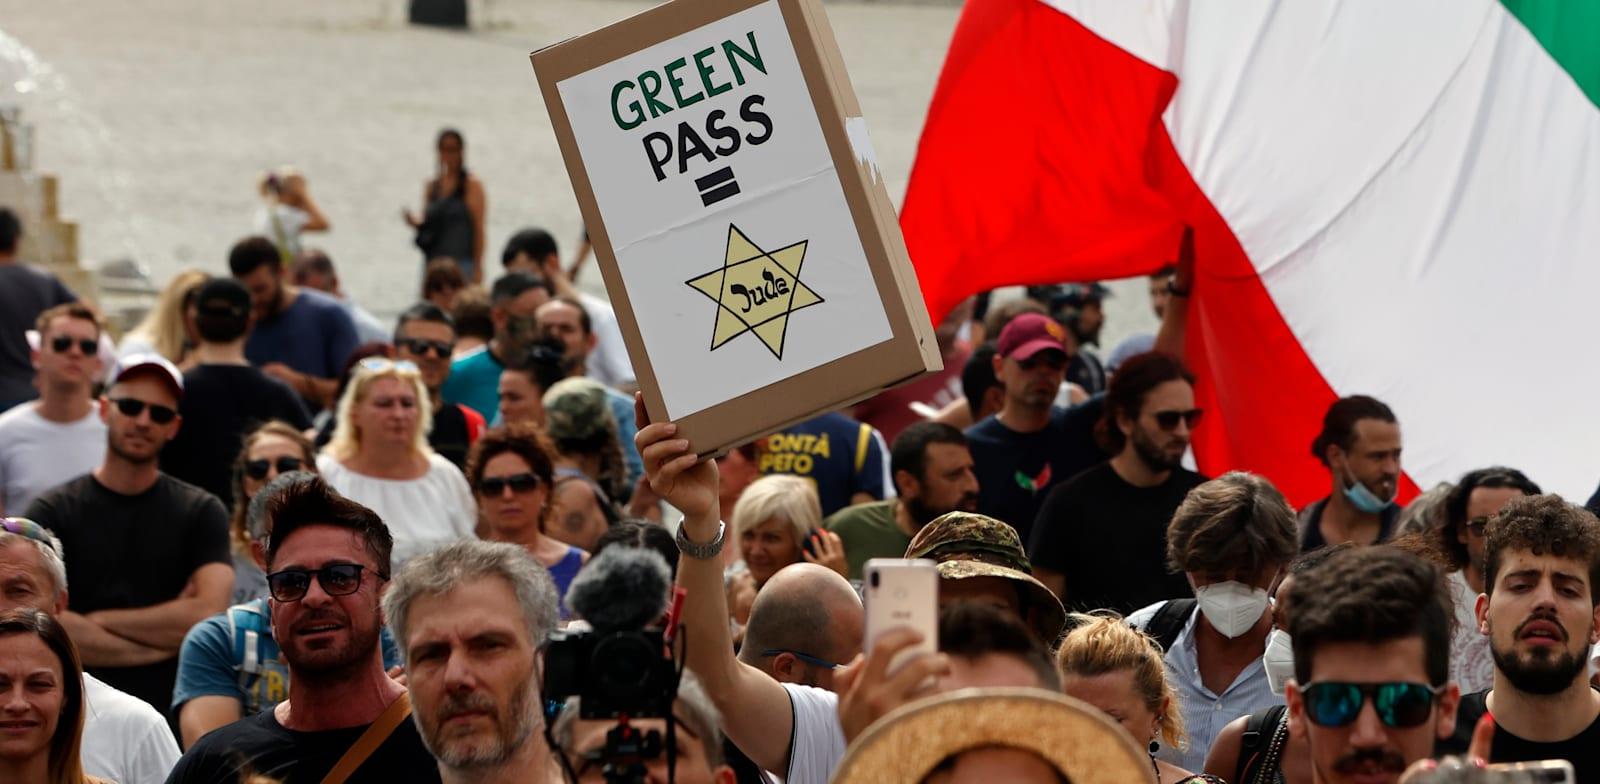 הפגנה נגד התו הירוק ברומא, לפני שבועיים / צילום: Associated Press, Riccardo De Luca